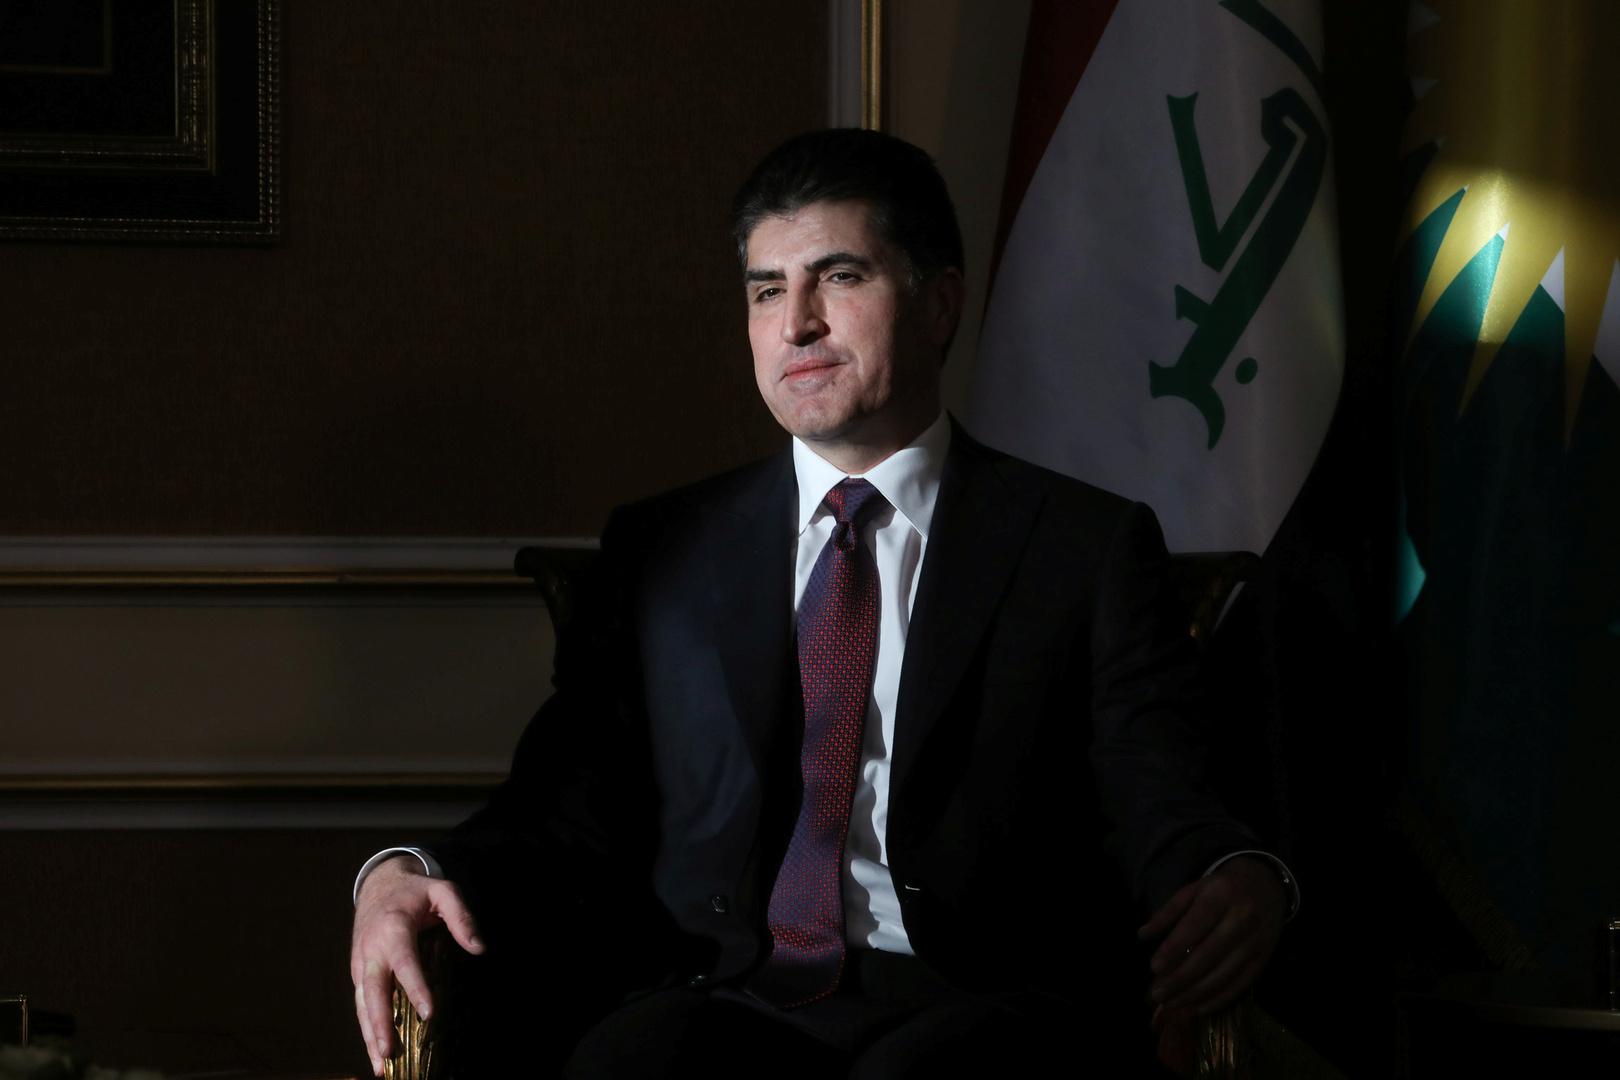 نيجيرفان بارزاني، رئيس إقليم كردستان العراق